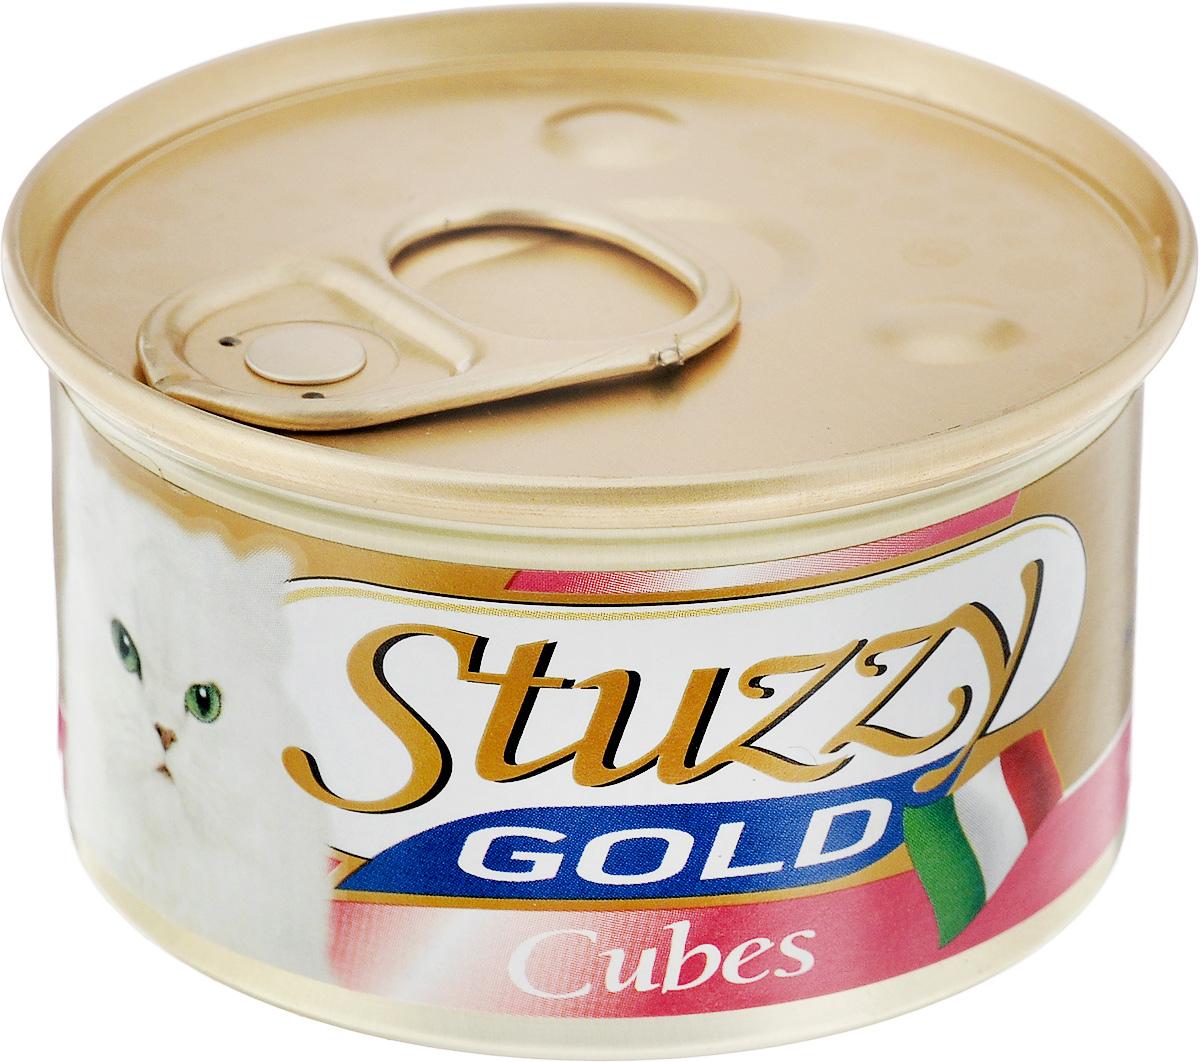 Консервы для взрослых кошек Stuzzy Gold, с курицей, 85 г132.C434Консервы для кошек Stuzzy Gold - это дополнительный рацион для взрослых кошек. Корм обогащен таурином и витамином Е для поддержания правильной работы сердца и иммунной системы. Инулин обеспечивает всасывание питательных веществ, а биотин способствуют великолепному внешнему виду кожи и шерсти. Корм приготовлен на пару, не содержит красителей и консервантов. Состав: мясо и мясные субпродукты 55% (из них курица 23%). Питательная ценность: белок 9%, жир 5,5%, клетчатка 0,1%, зола 2%, влажность 80%. Питательные добавки (на кг): витамин А 1177 МЕ, витамин D3 700 МЕ, витамин Е 40 мг, таурин 300 мг, железо 63,14 мг, цинк 40,8 мг, медь 2,32 мг, марганец 3,25 мг, селен 0,155 мг, йод 0,76 мг. Товар сертифицирован.